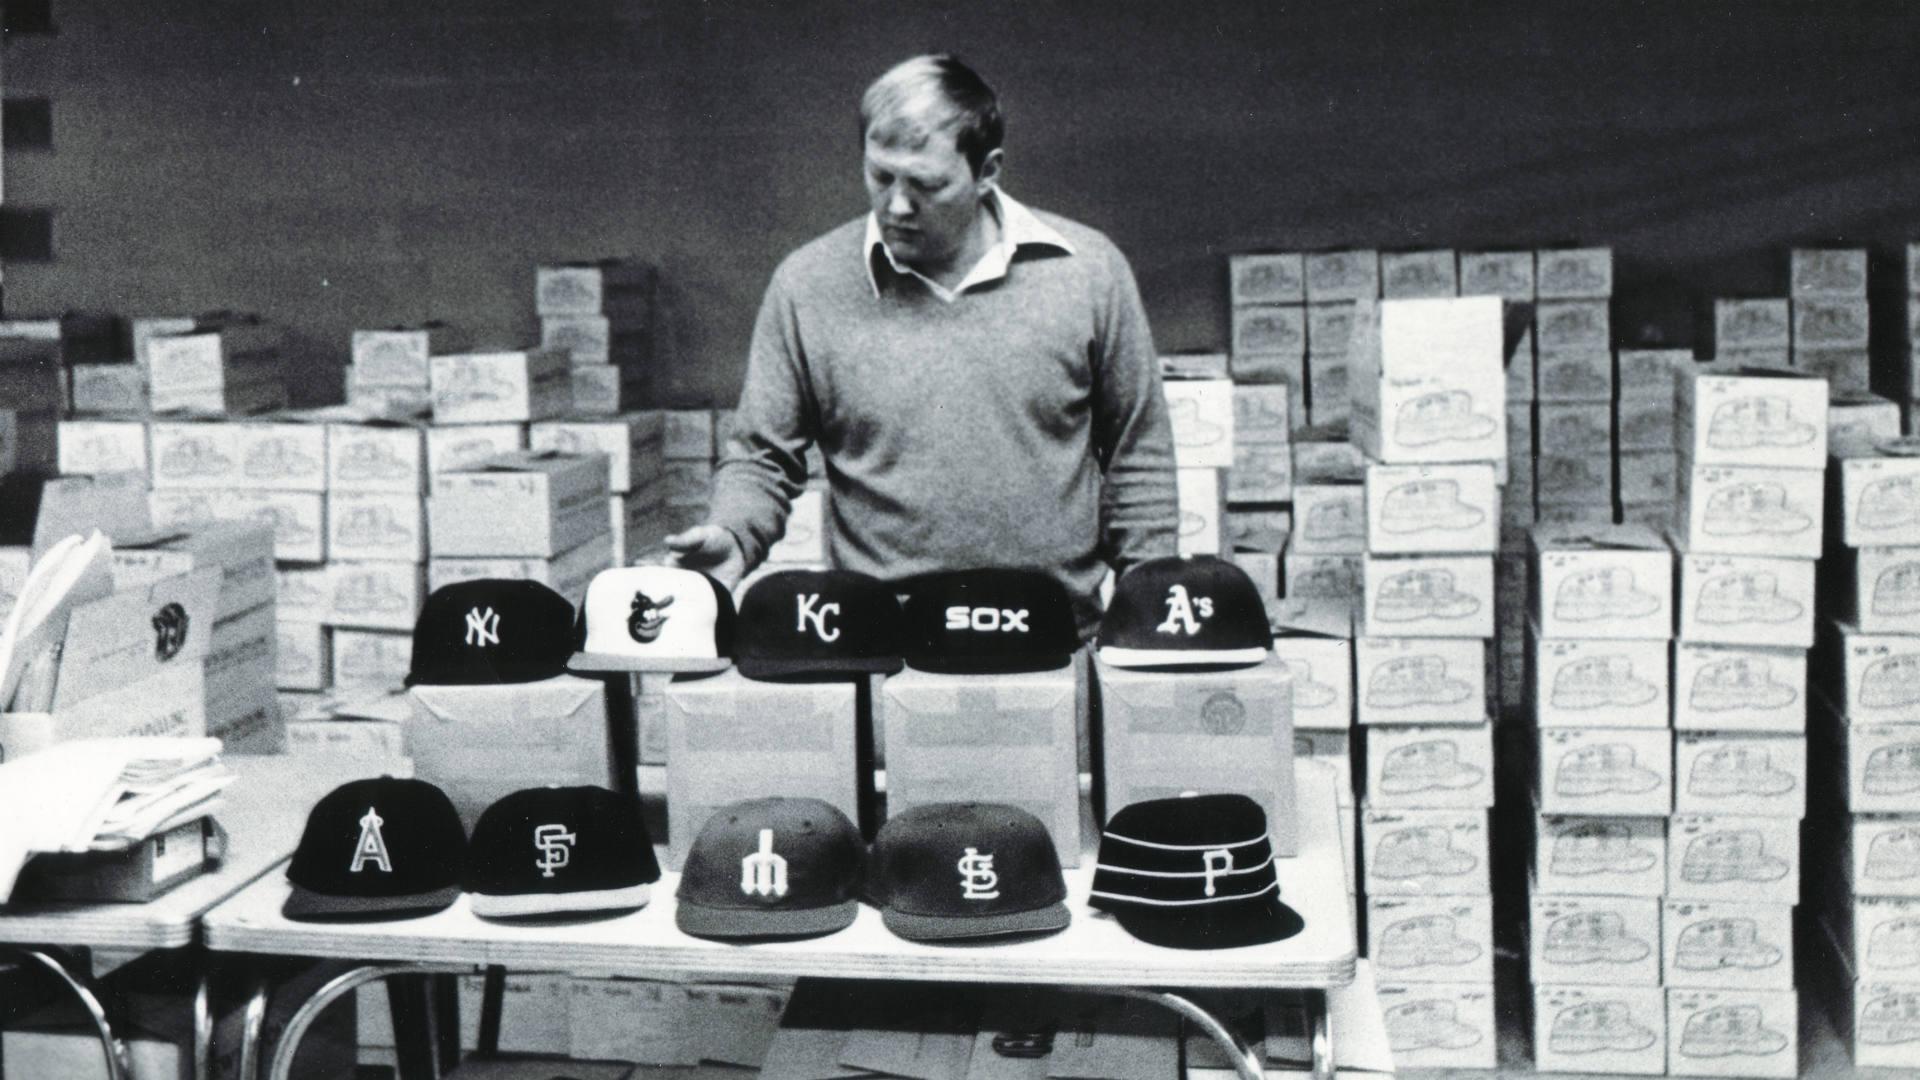 Cómo un anuncio de pedido por correo convirtió a New Era en el rey de los sombreros de MLB casi de la noche a la mañana 2